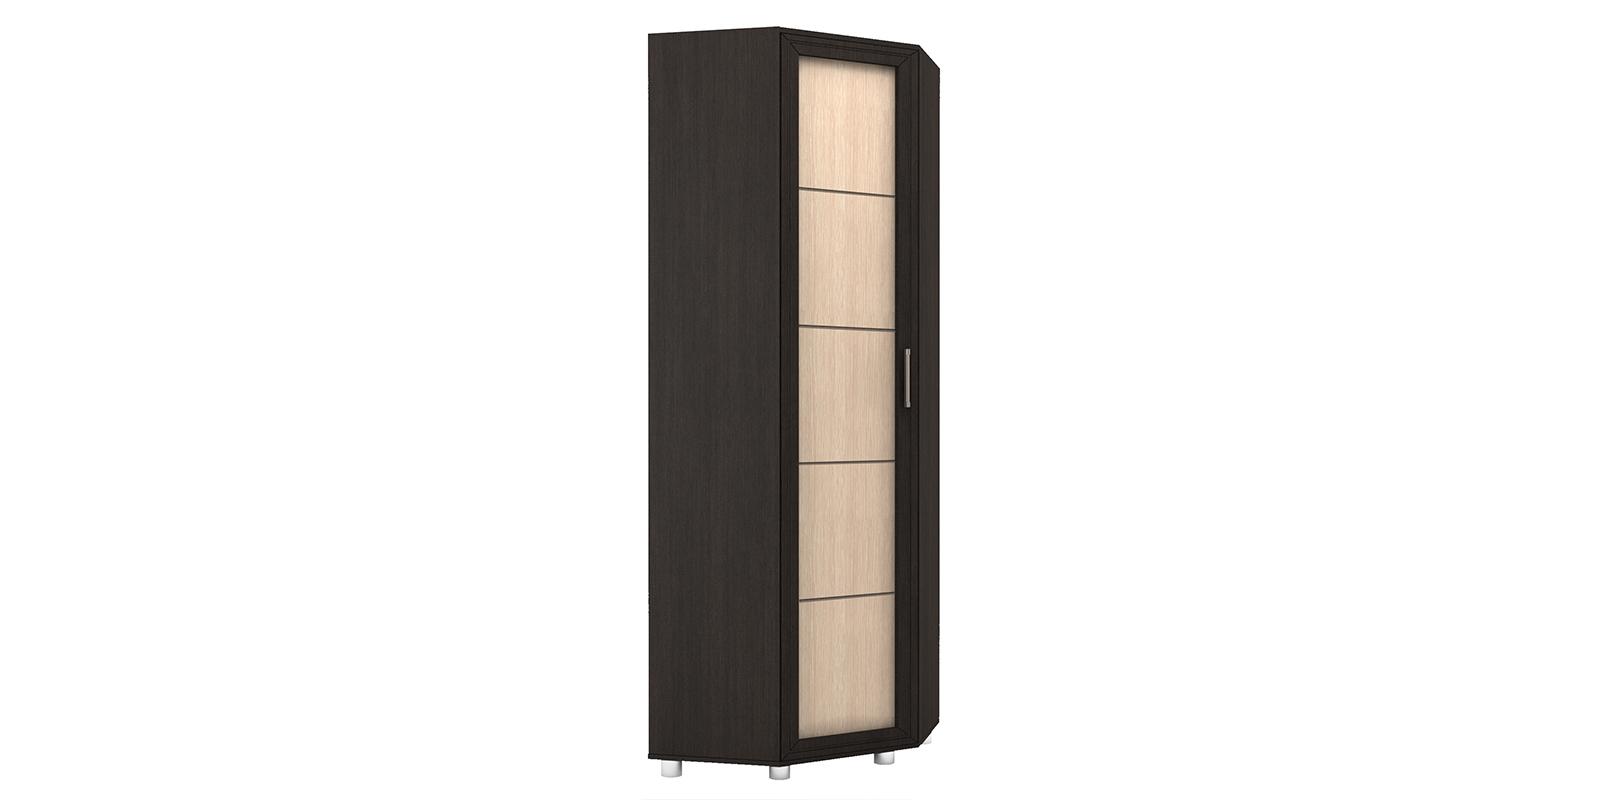 Шкаф распашной угловой Лестер вариант №1 (коричневый/бежевый)